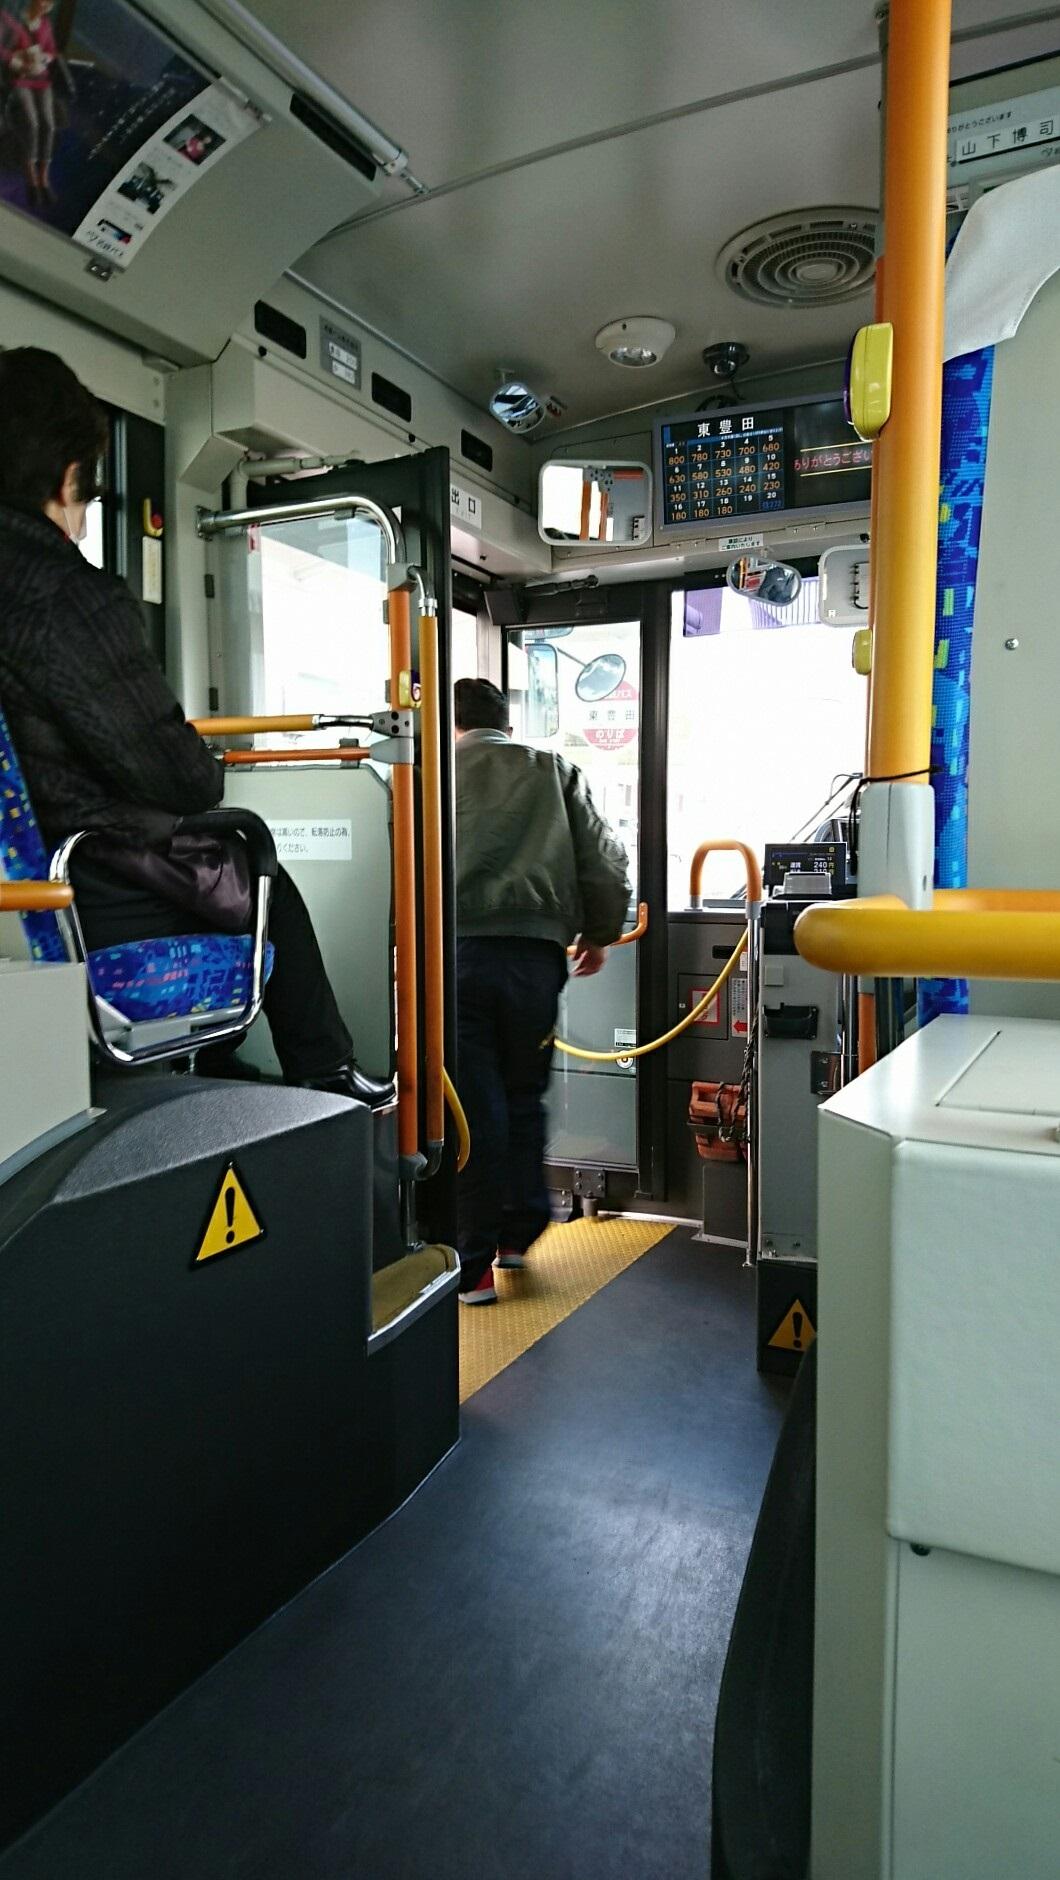 2018.2.5 東山住宅線 (71) 東豊田バス停 1060-1880